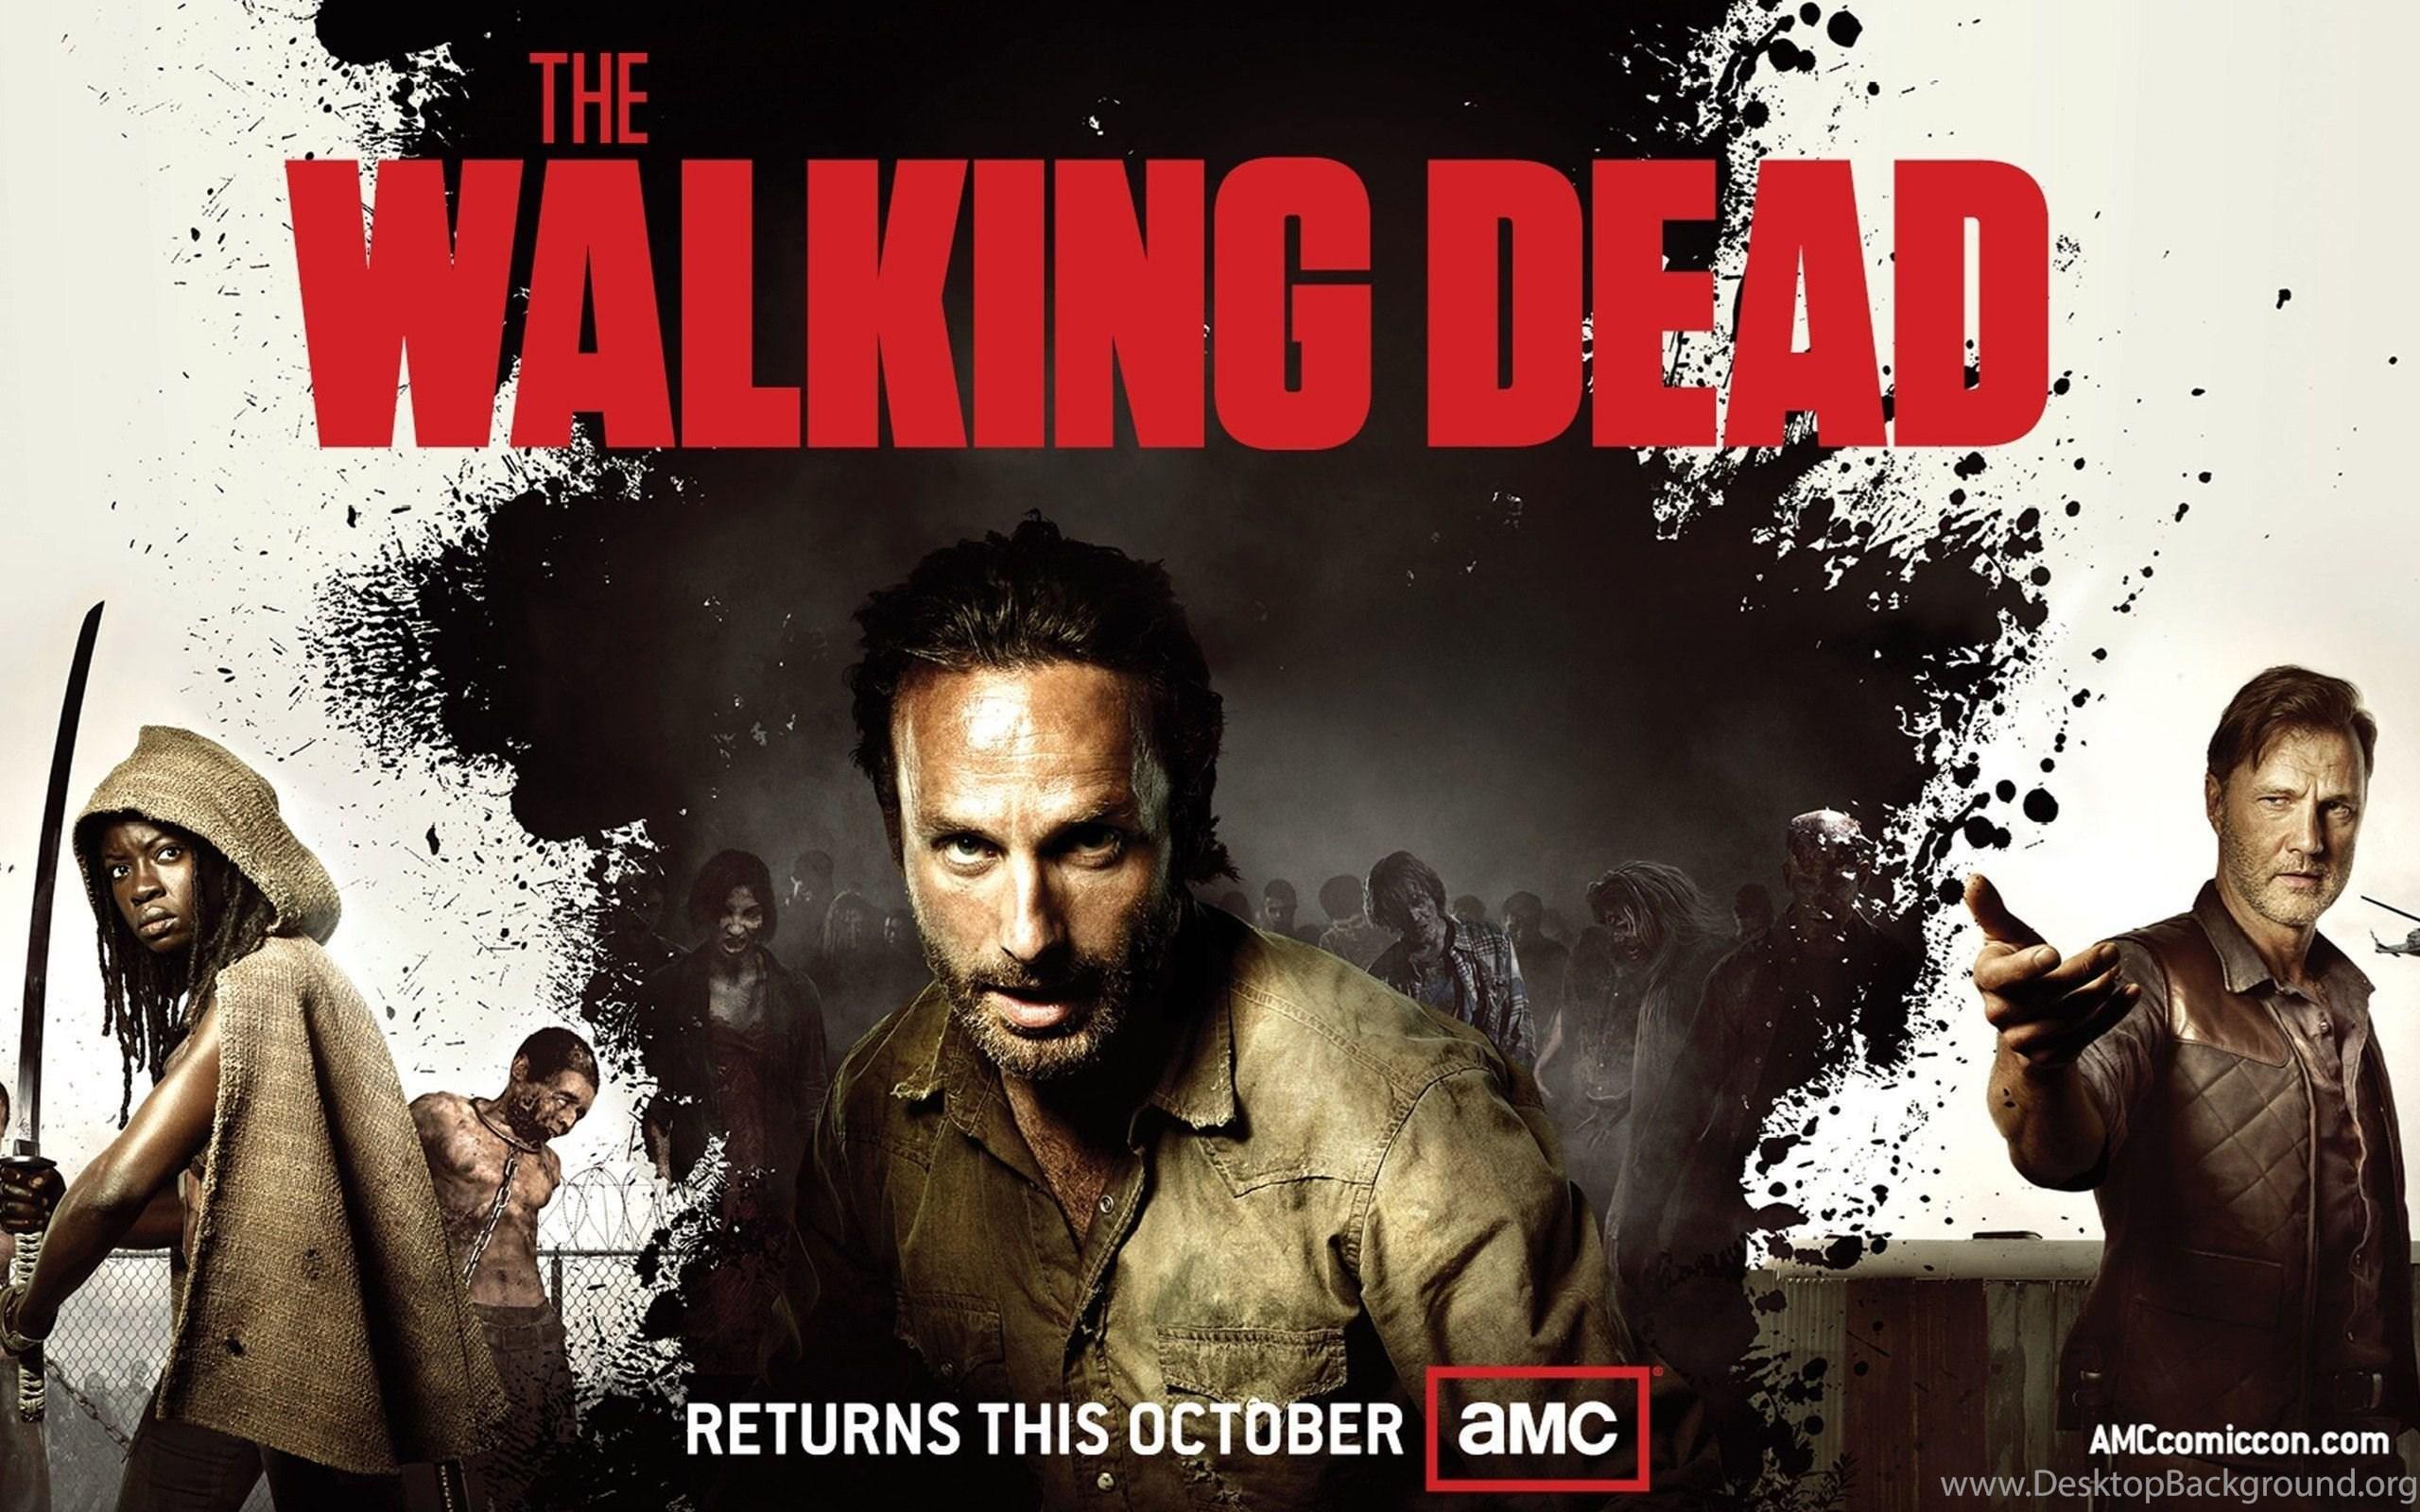 The Walking Dead Season 3 Hd Wide Wallpapers For Desktop Iphone